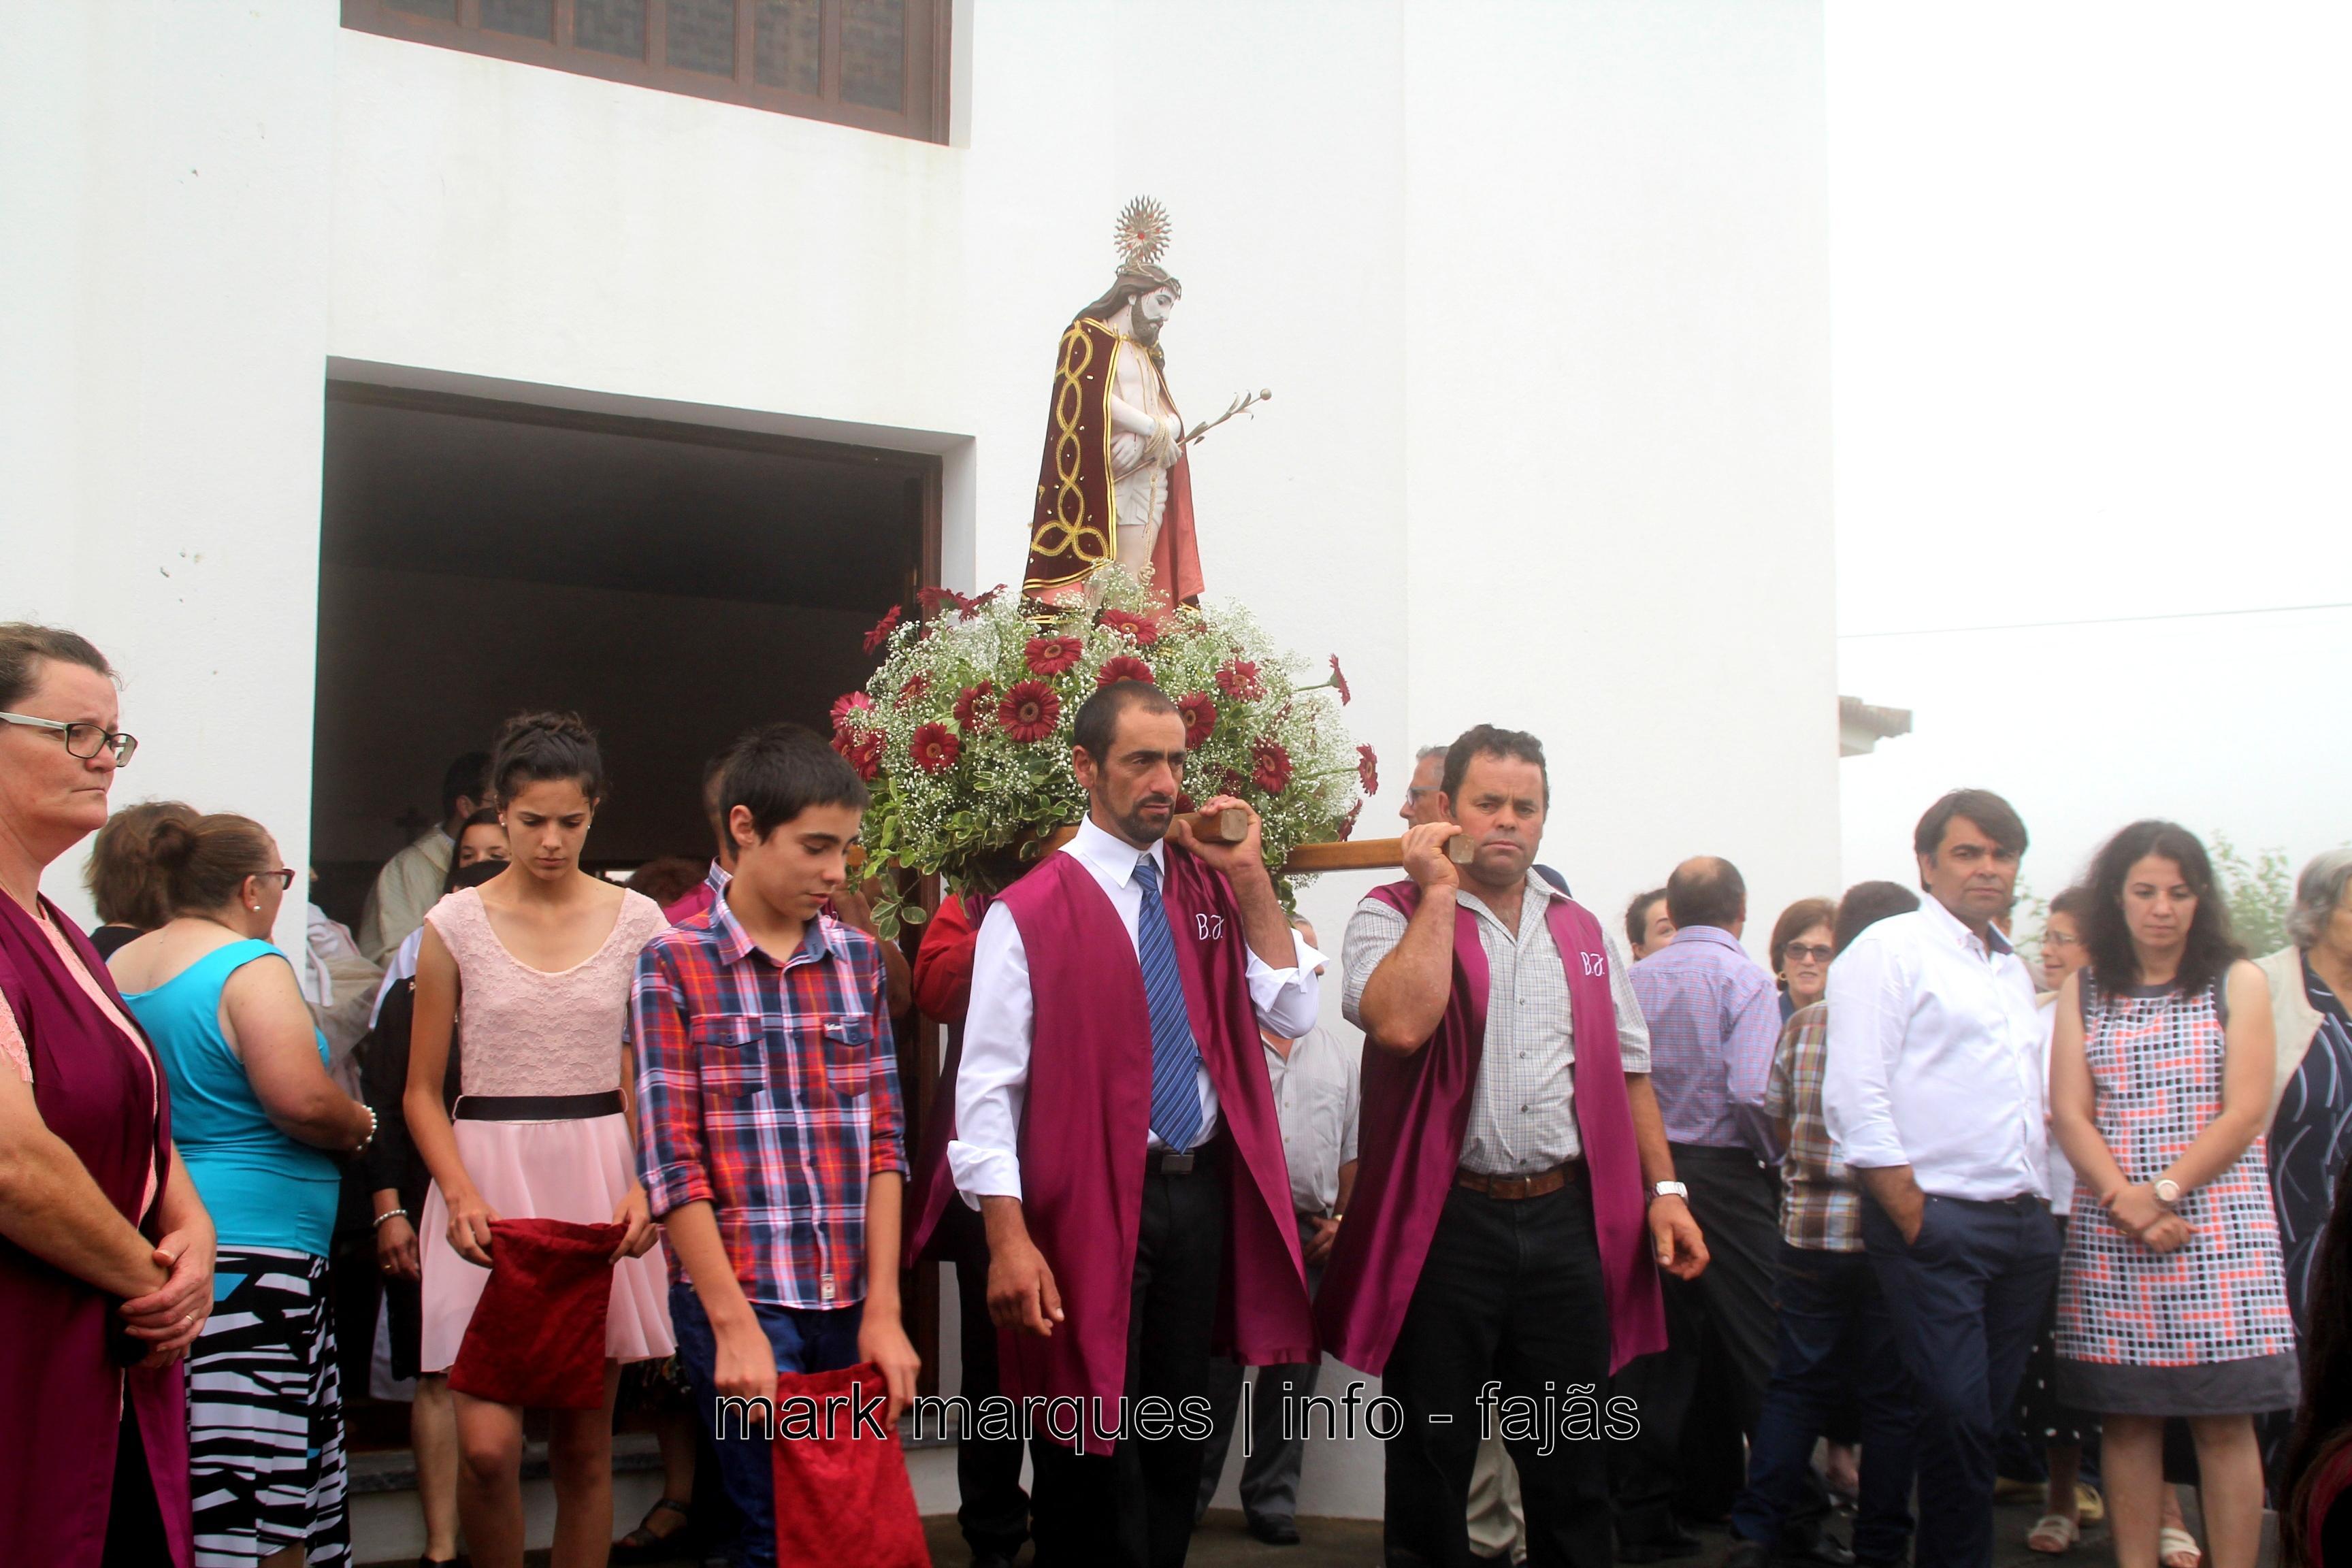 PROCISSÃO EM HONRA DO SENHOR BOM JESUS – CRUZAL / SANTO ANTÃO (reportagem fotográfica)